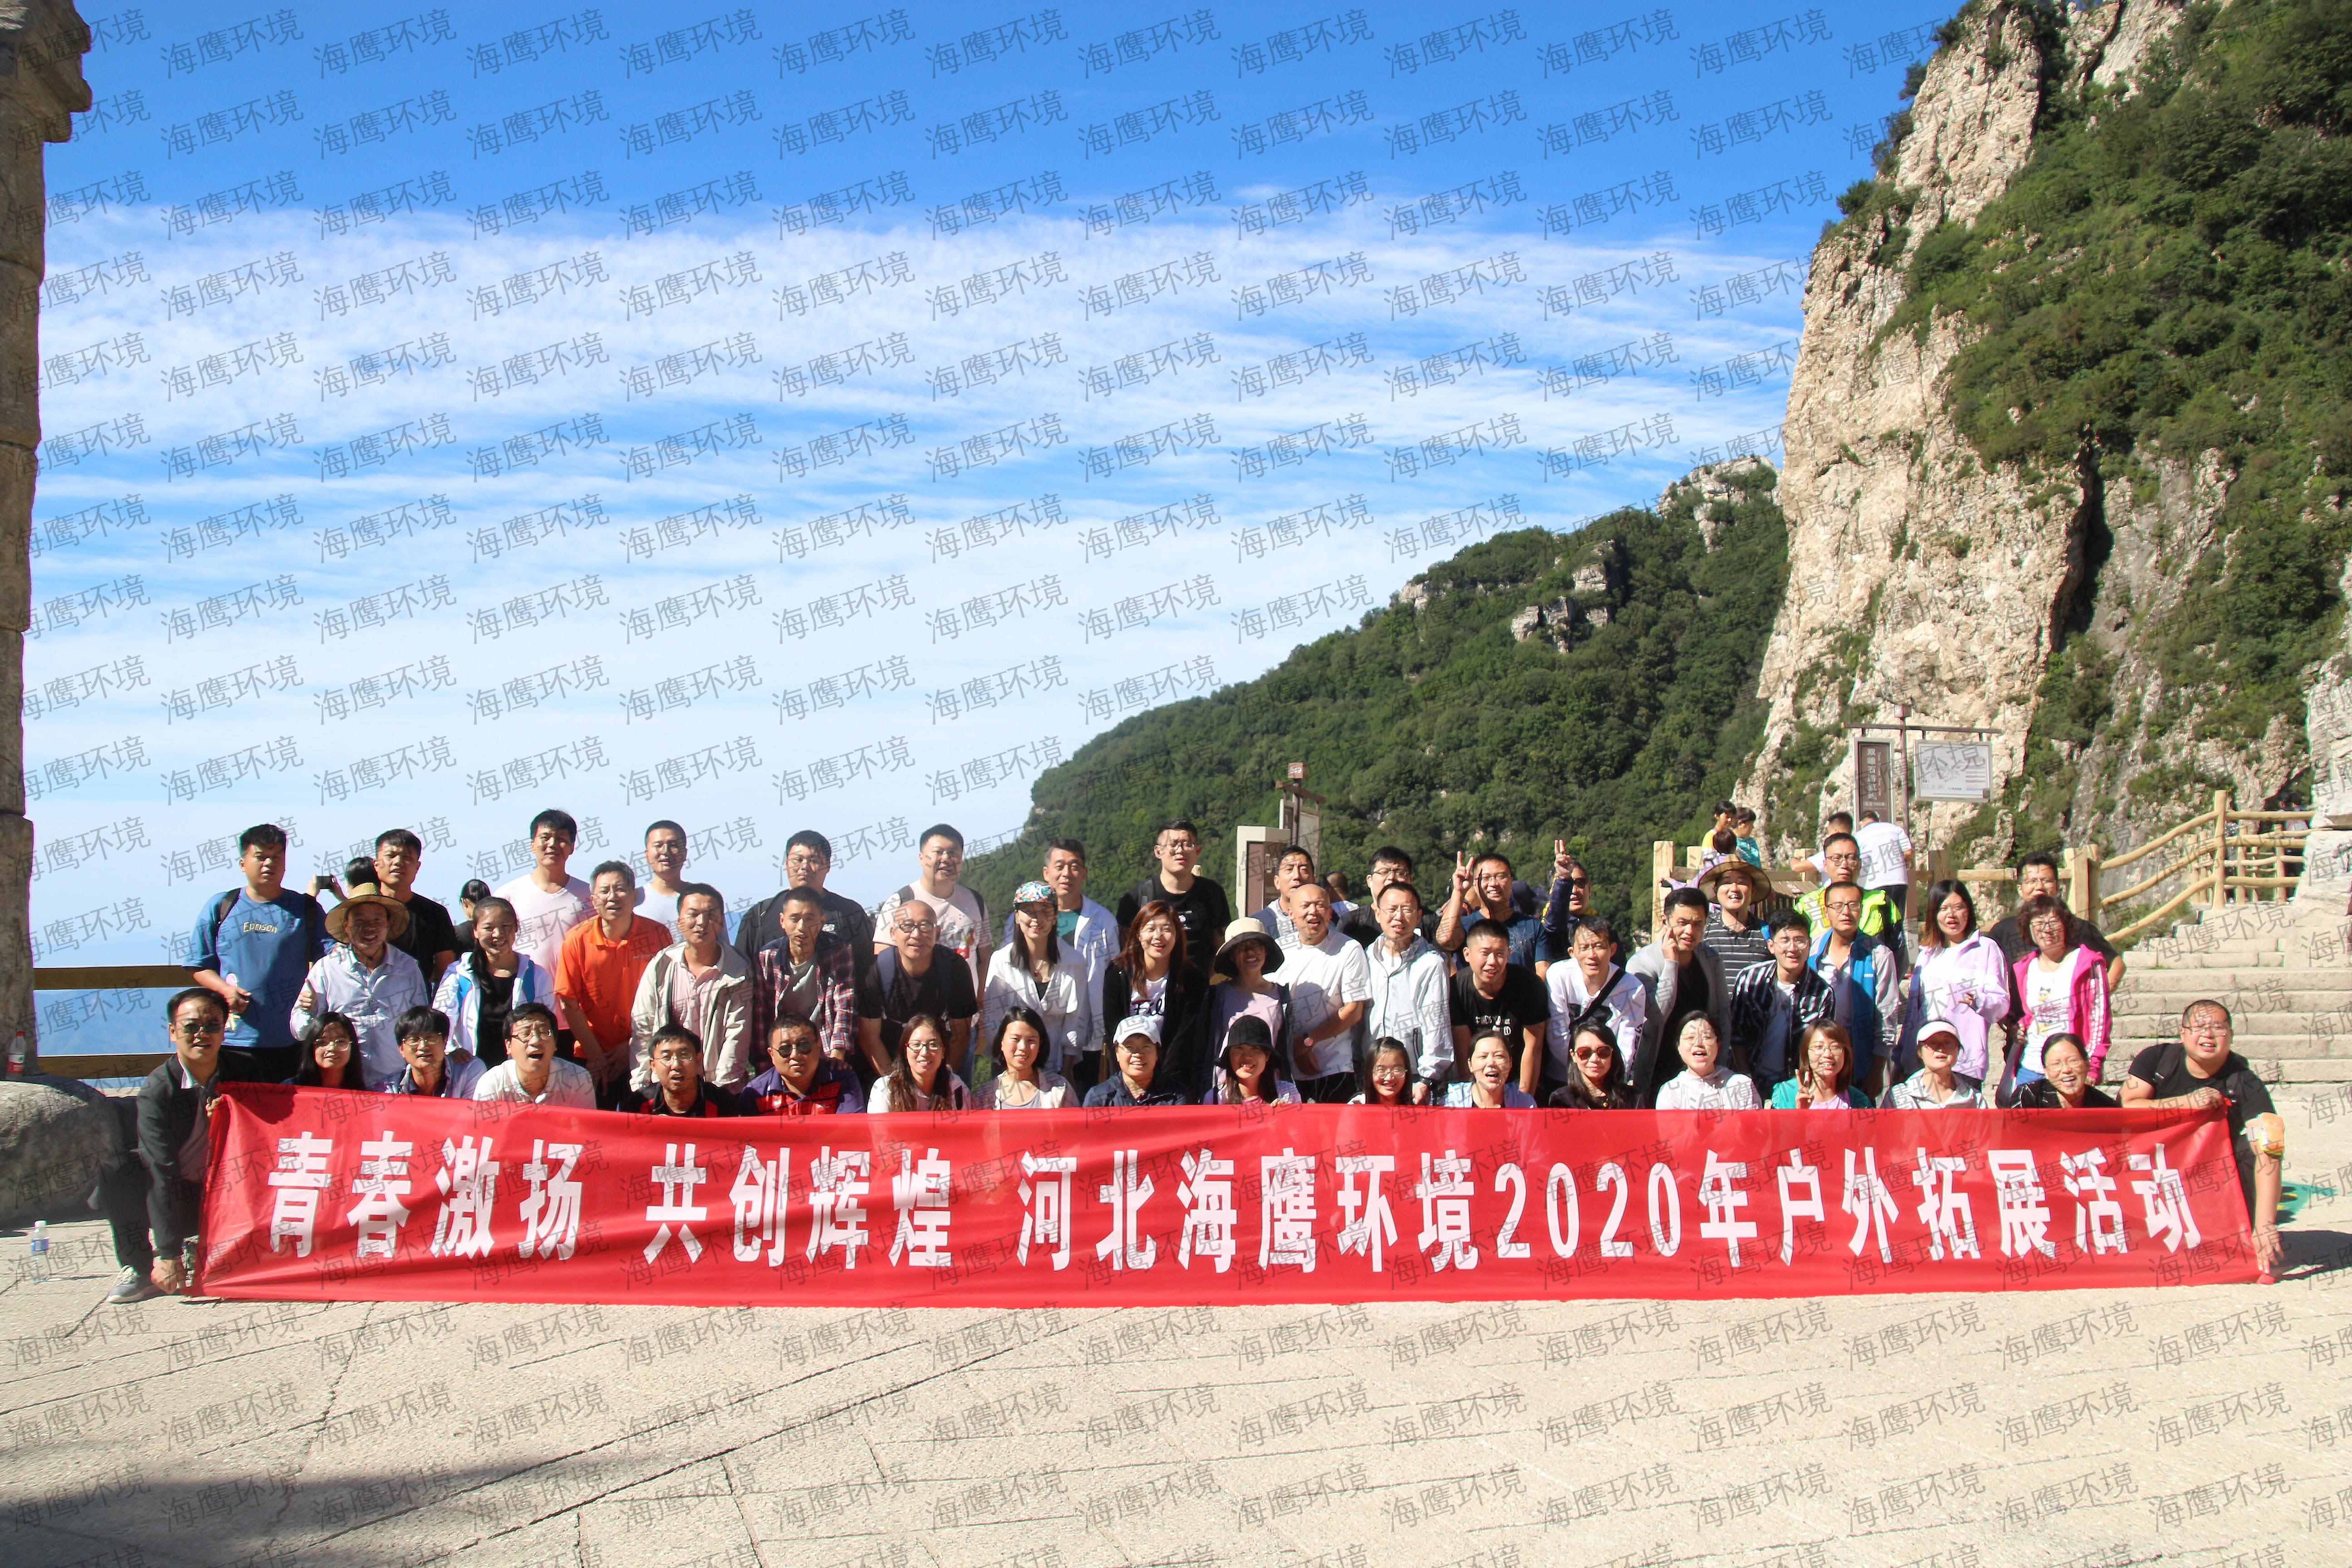 2020年9月保定涞源白石山团建登山活动